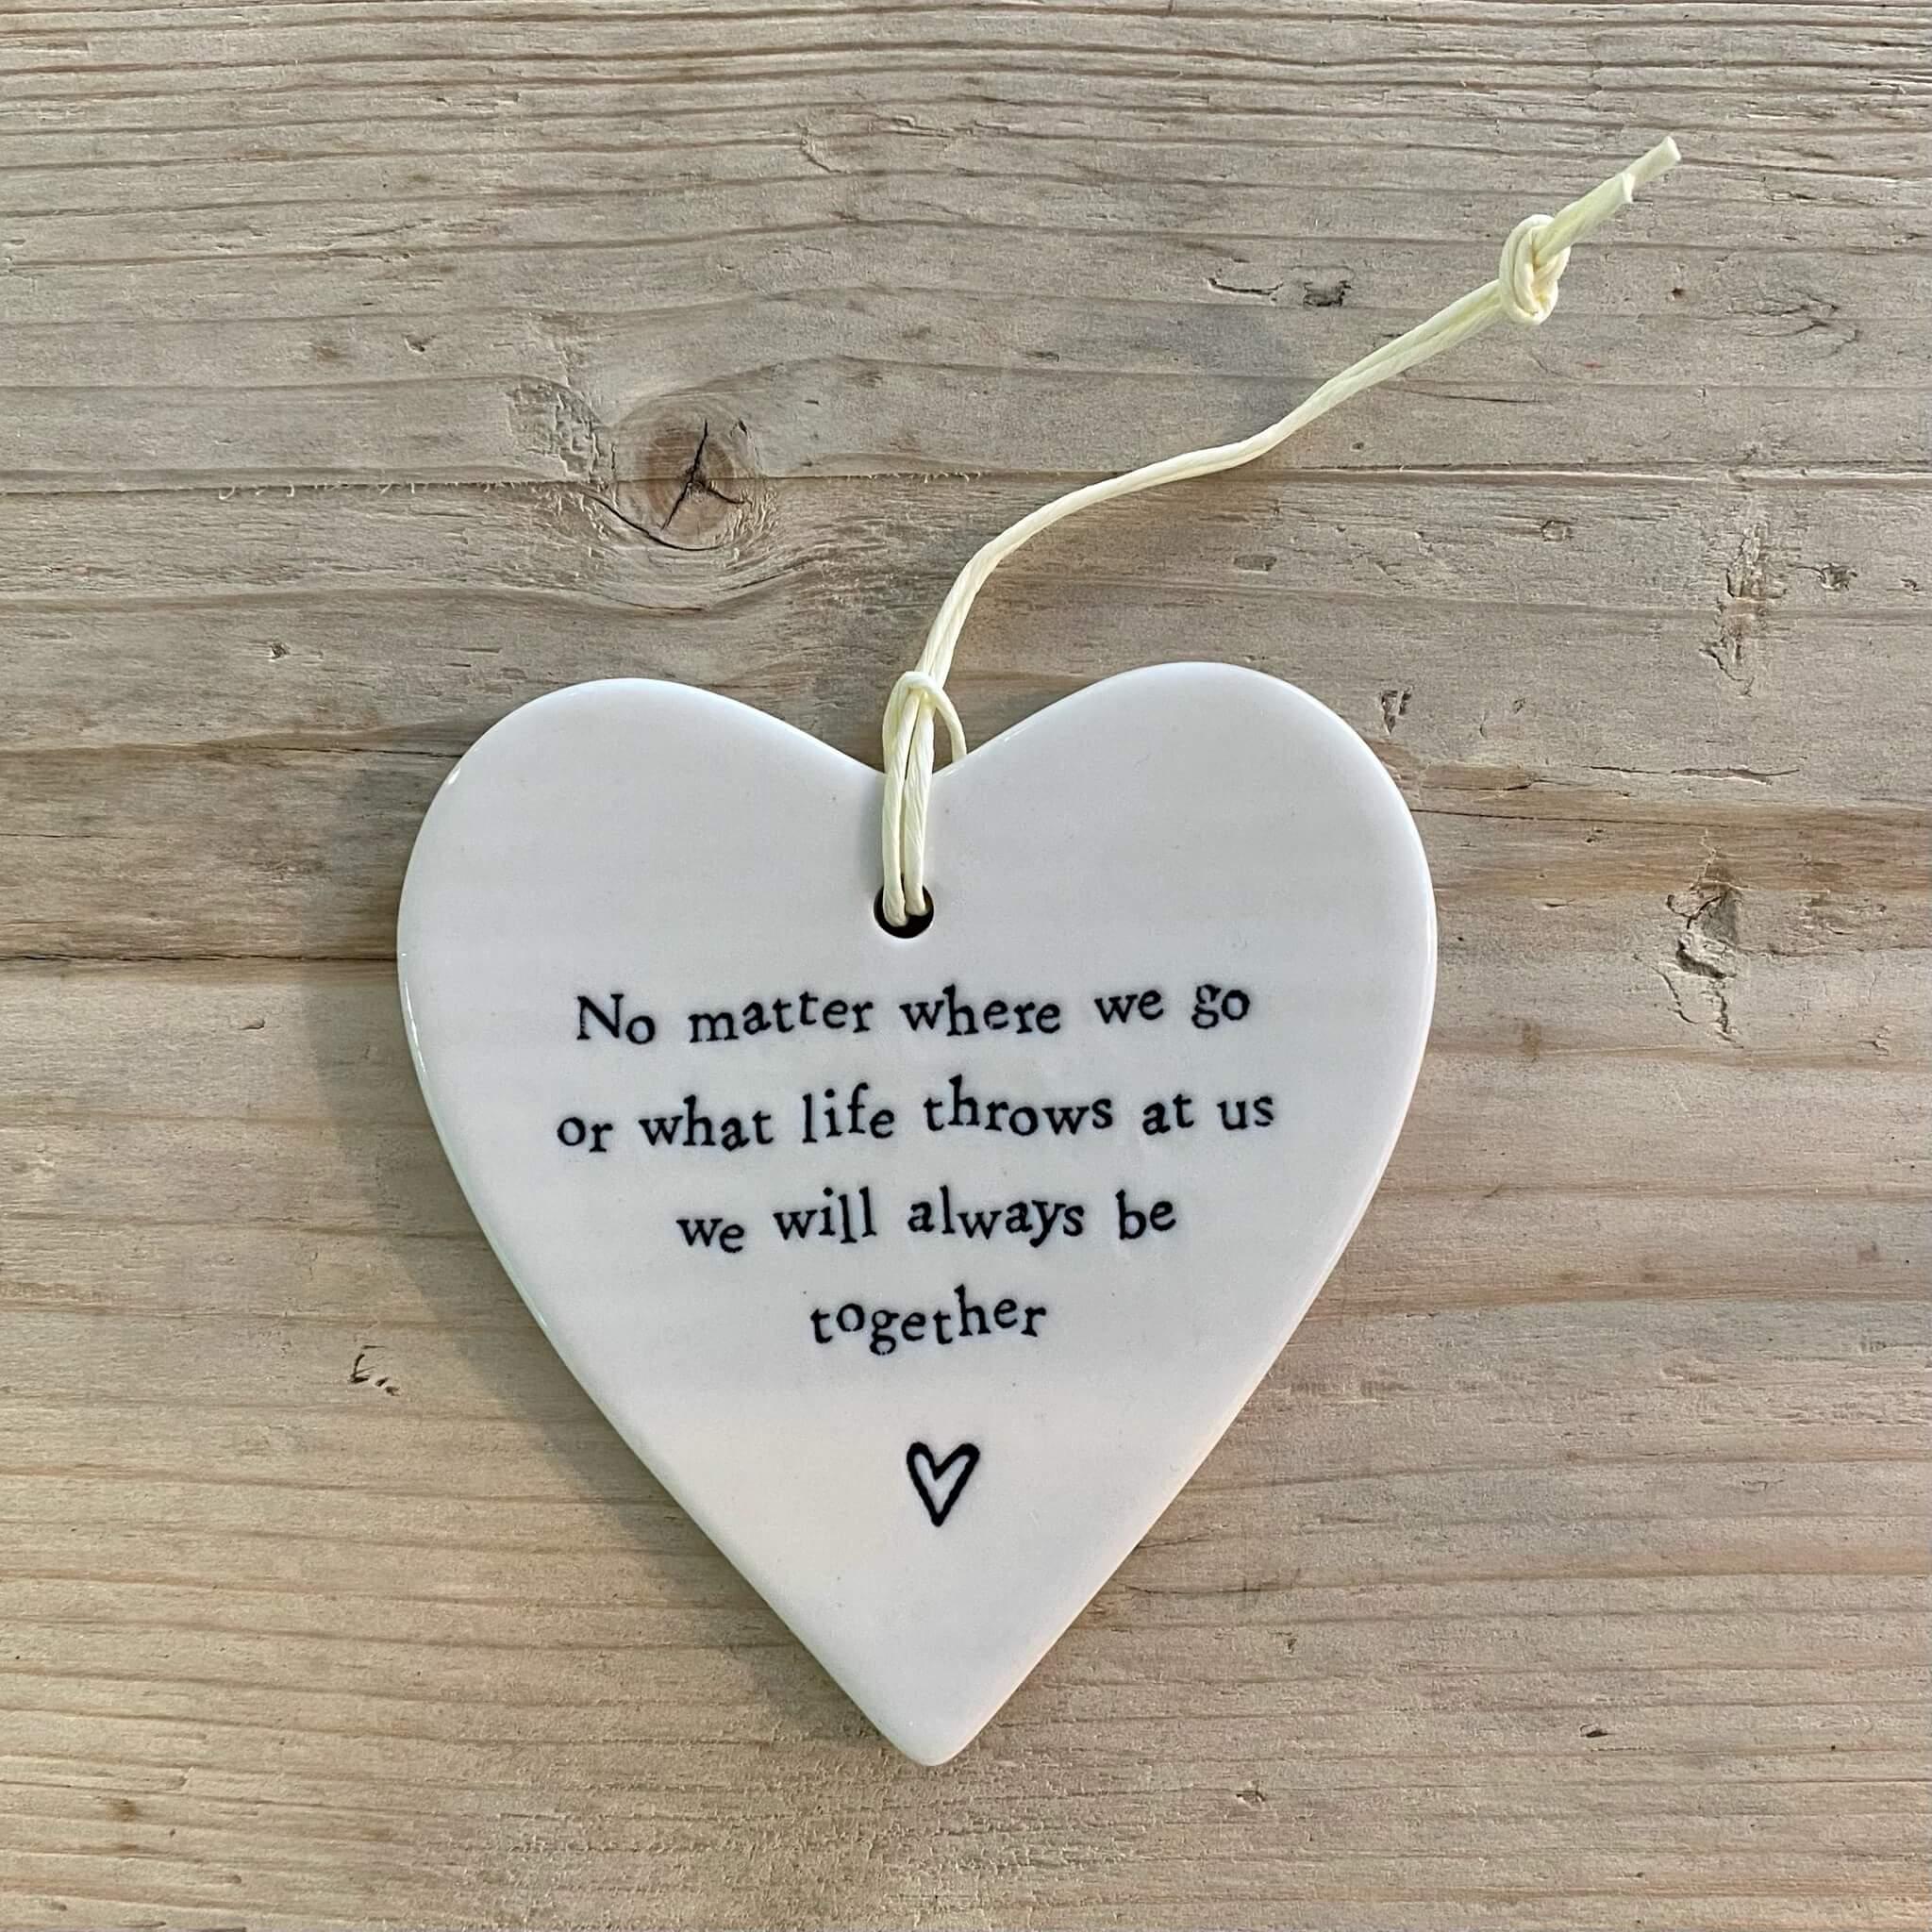 Porcelain Heart - No matter where